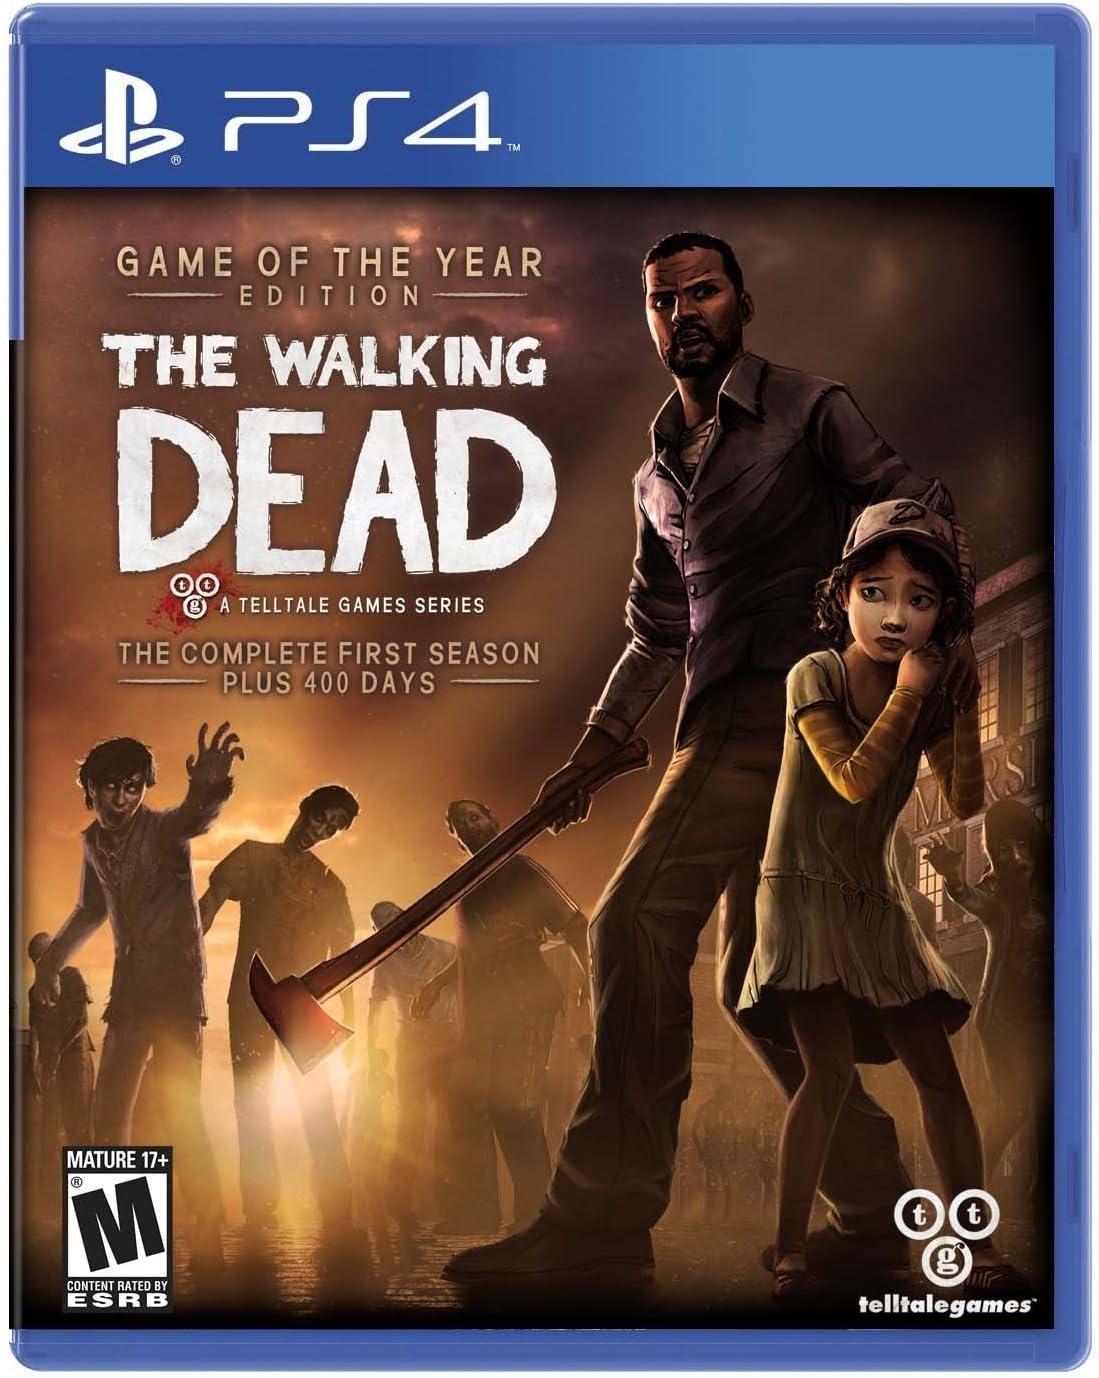 The walking dead apk season 1 | The Walking Dead Season 2